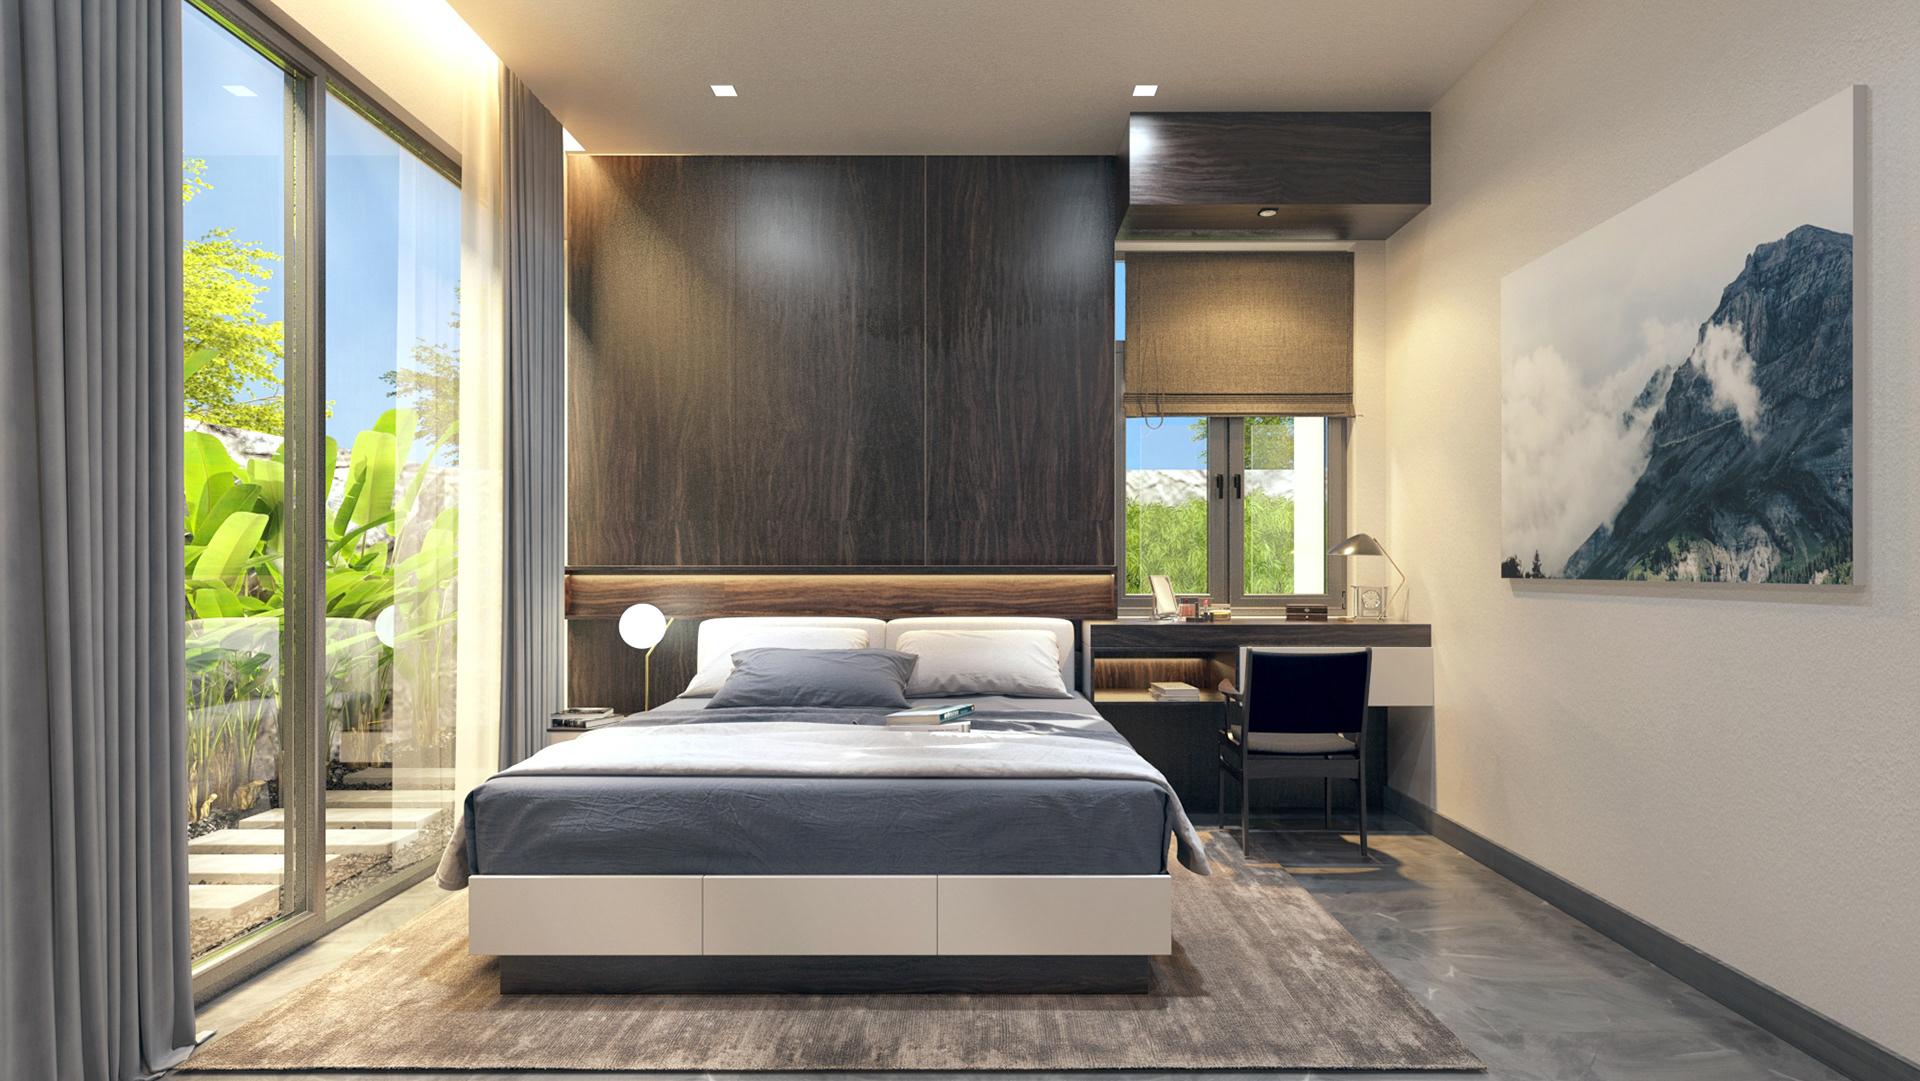 thiết kế nội thất Biệt Thự tại Đà Nẵng TH_VILLA HIỆN ĐẠI 9 1536308770